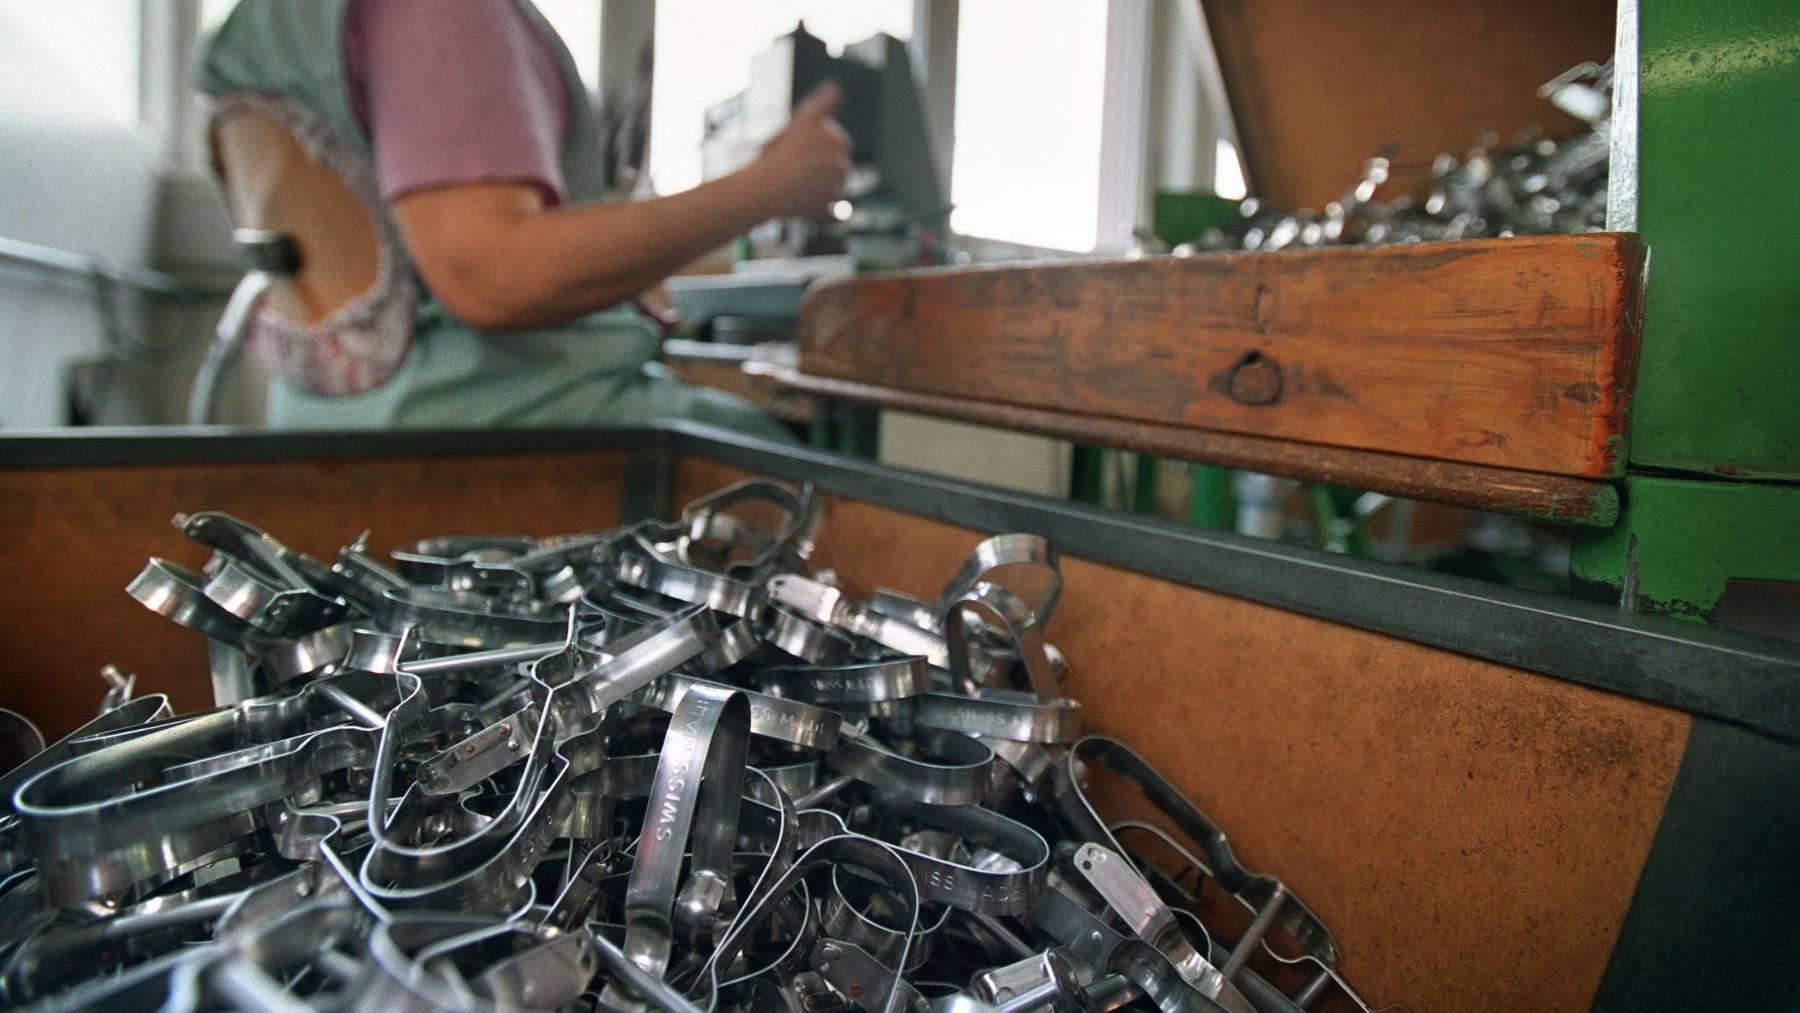 Das Schweizer Unternehmen produziert seit mehr als 70 Jahren den bekannten Rex Sparschäler.